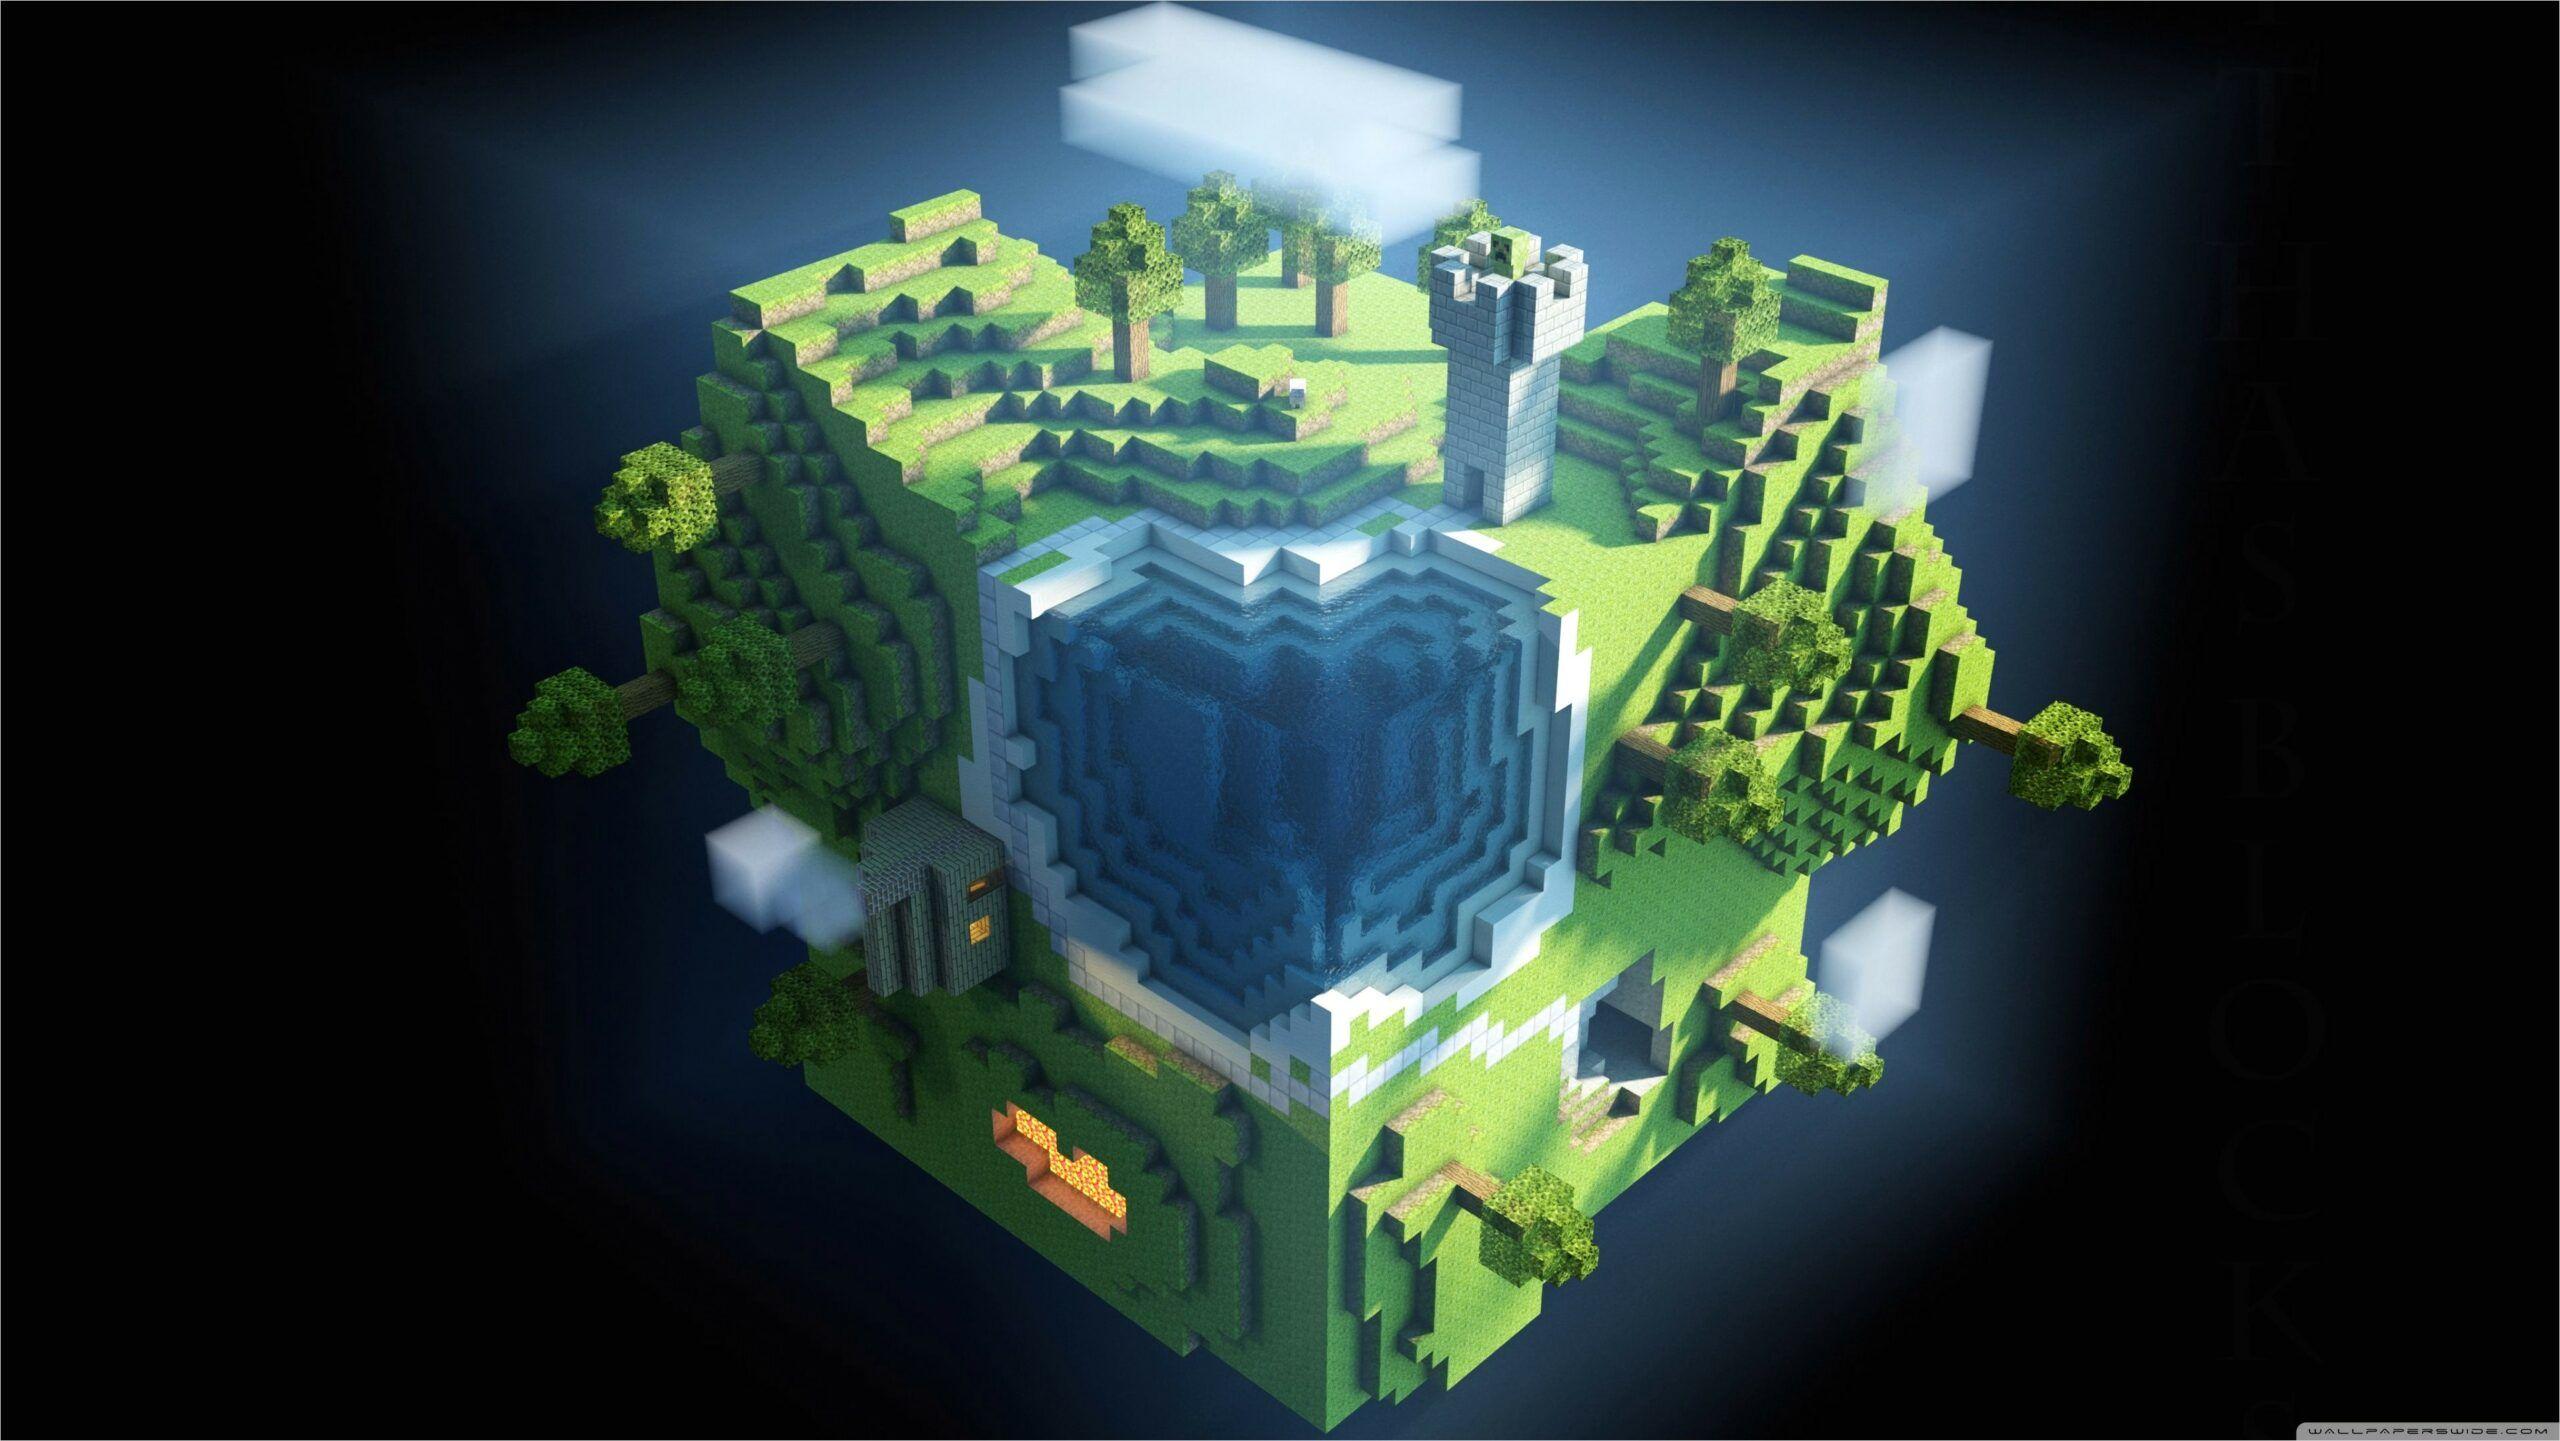 1920 X 1080 4k Minecraft Wallpaper In 2020 Minecraft Pictures Minecraft Posters Minecraft Fan Art